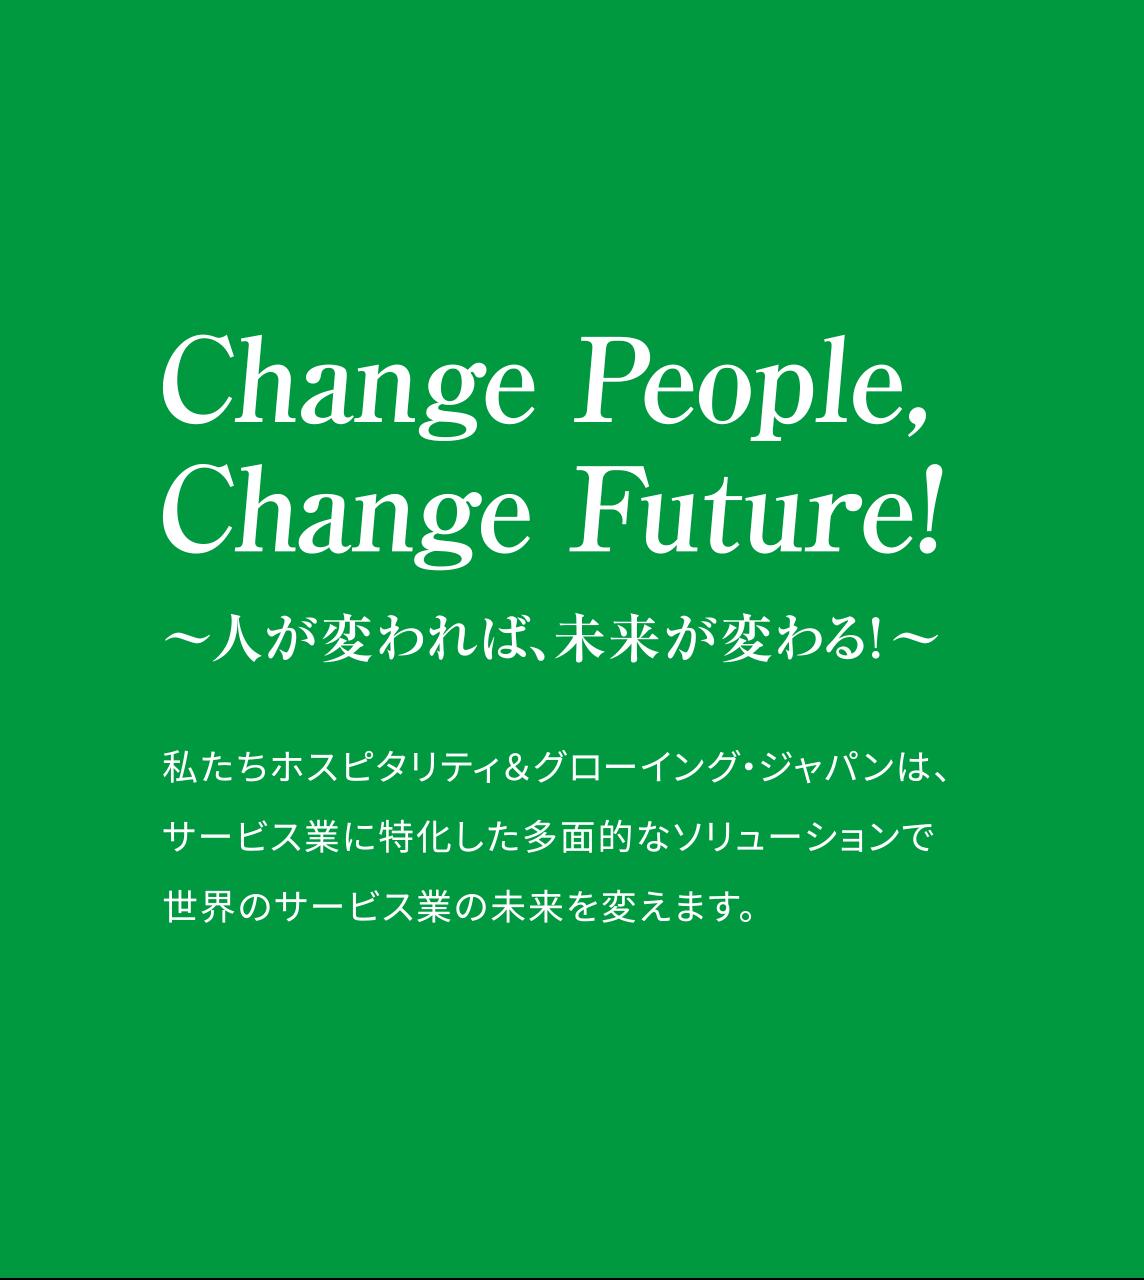 Change People,Change Future! ~人が変われば、未来が変わる~ 私たちホスピタリティ&グローイング・ジャパンは、サービス業に特化した多面的なソリューションで世界中のサービス業の、その未来をひらきます。